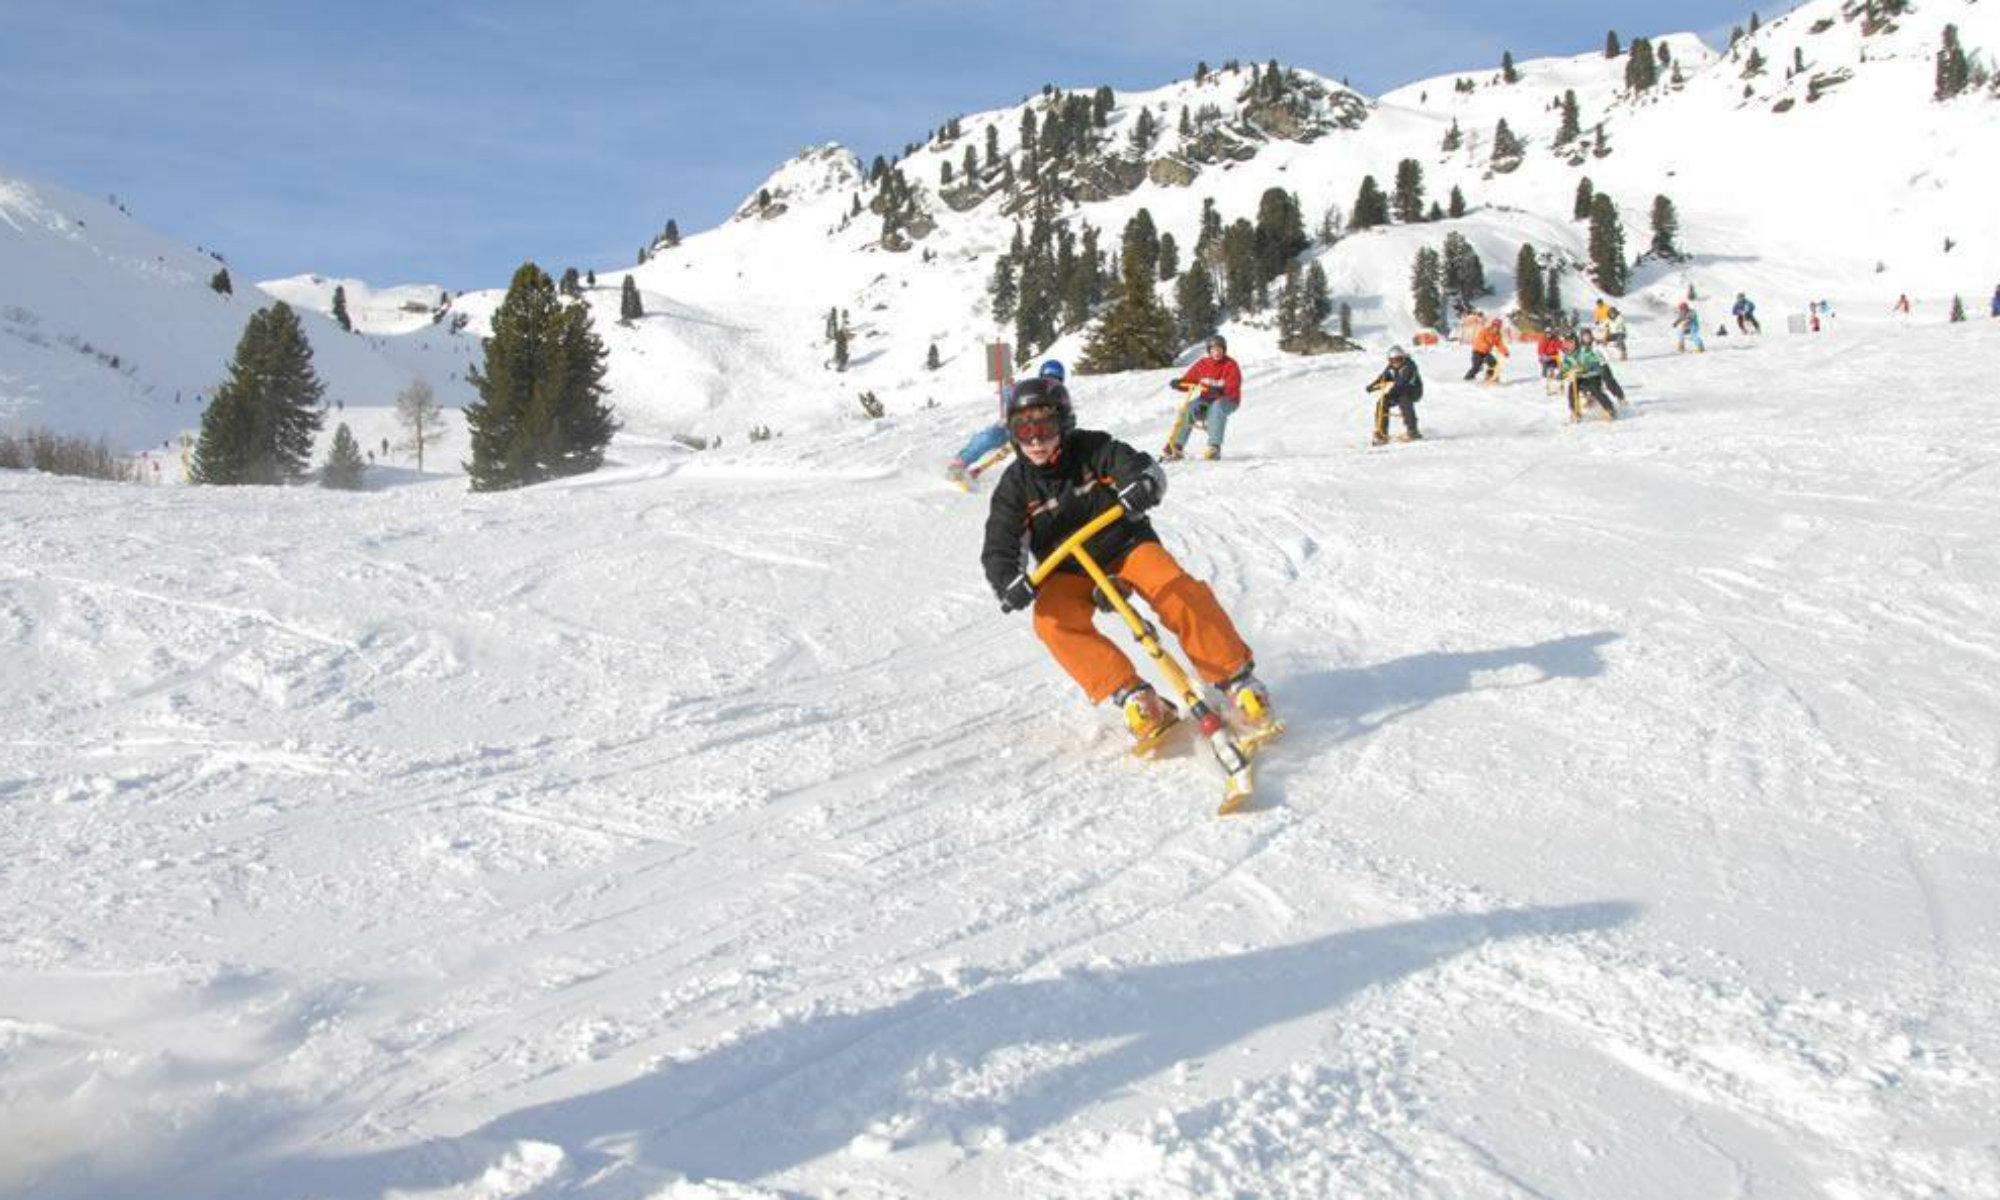 Mehrere Personen machen mit Snowbikes Kurven auf der Piste.